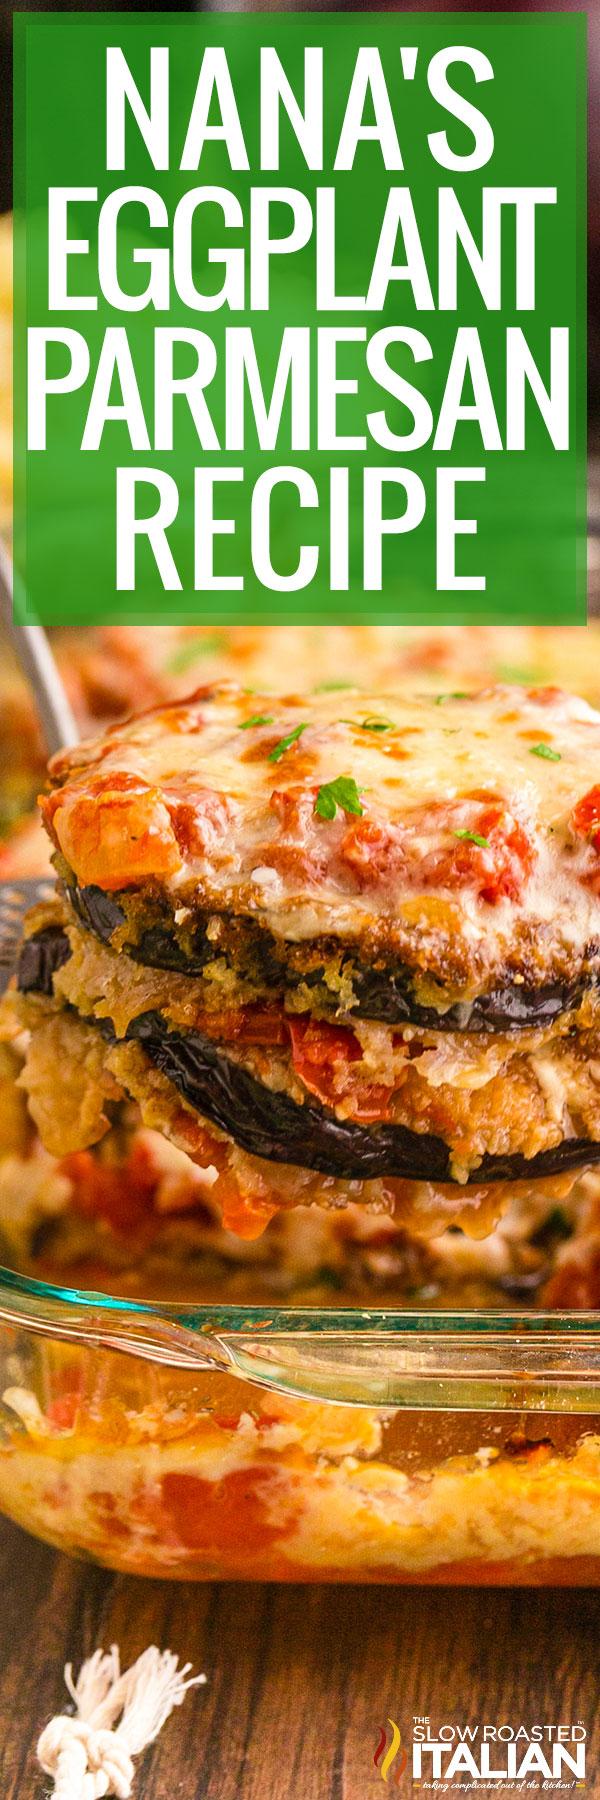 eggplant parmesan recipe closeup